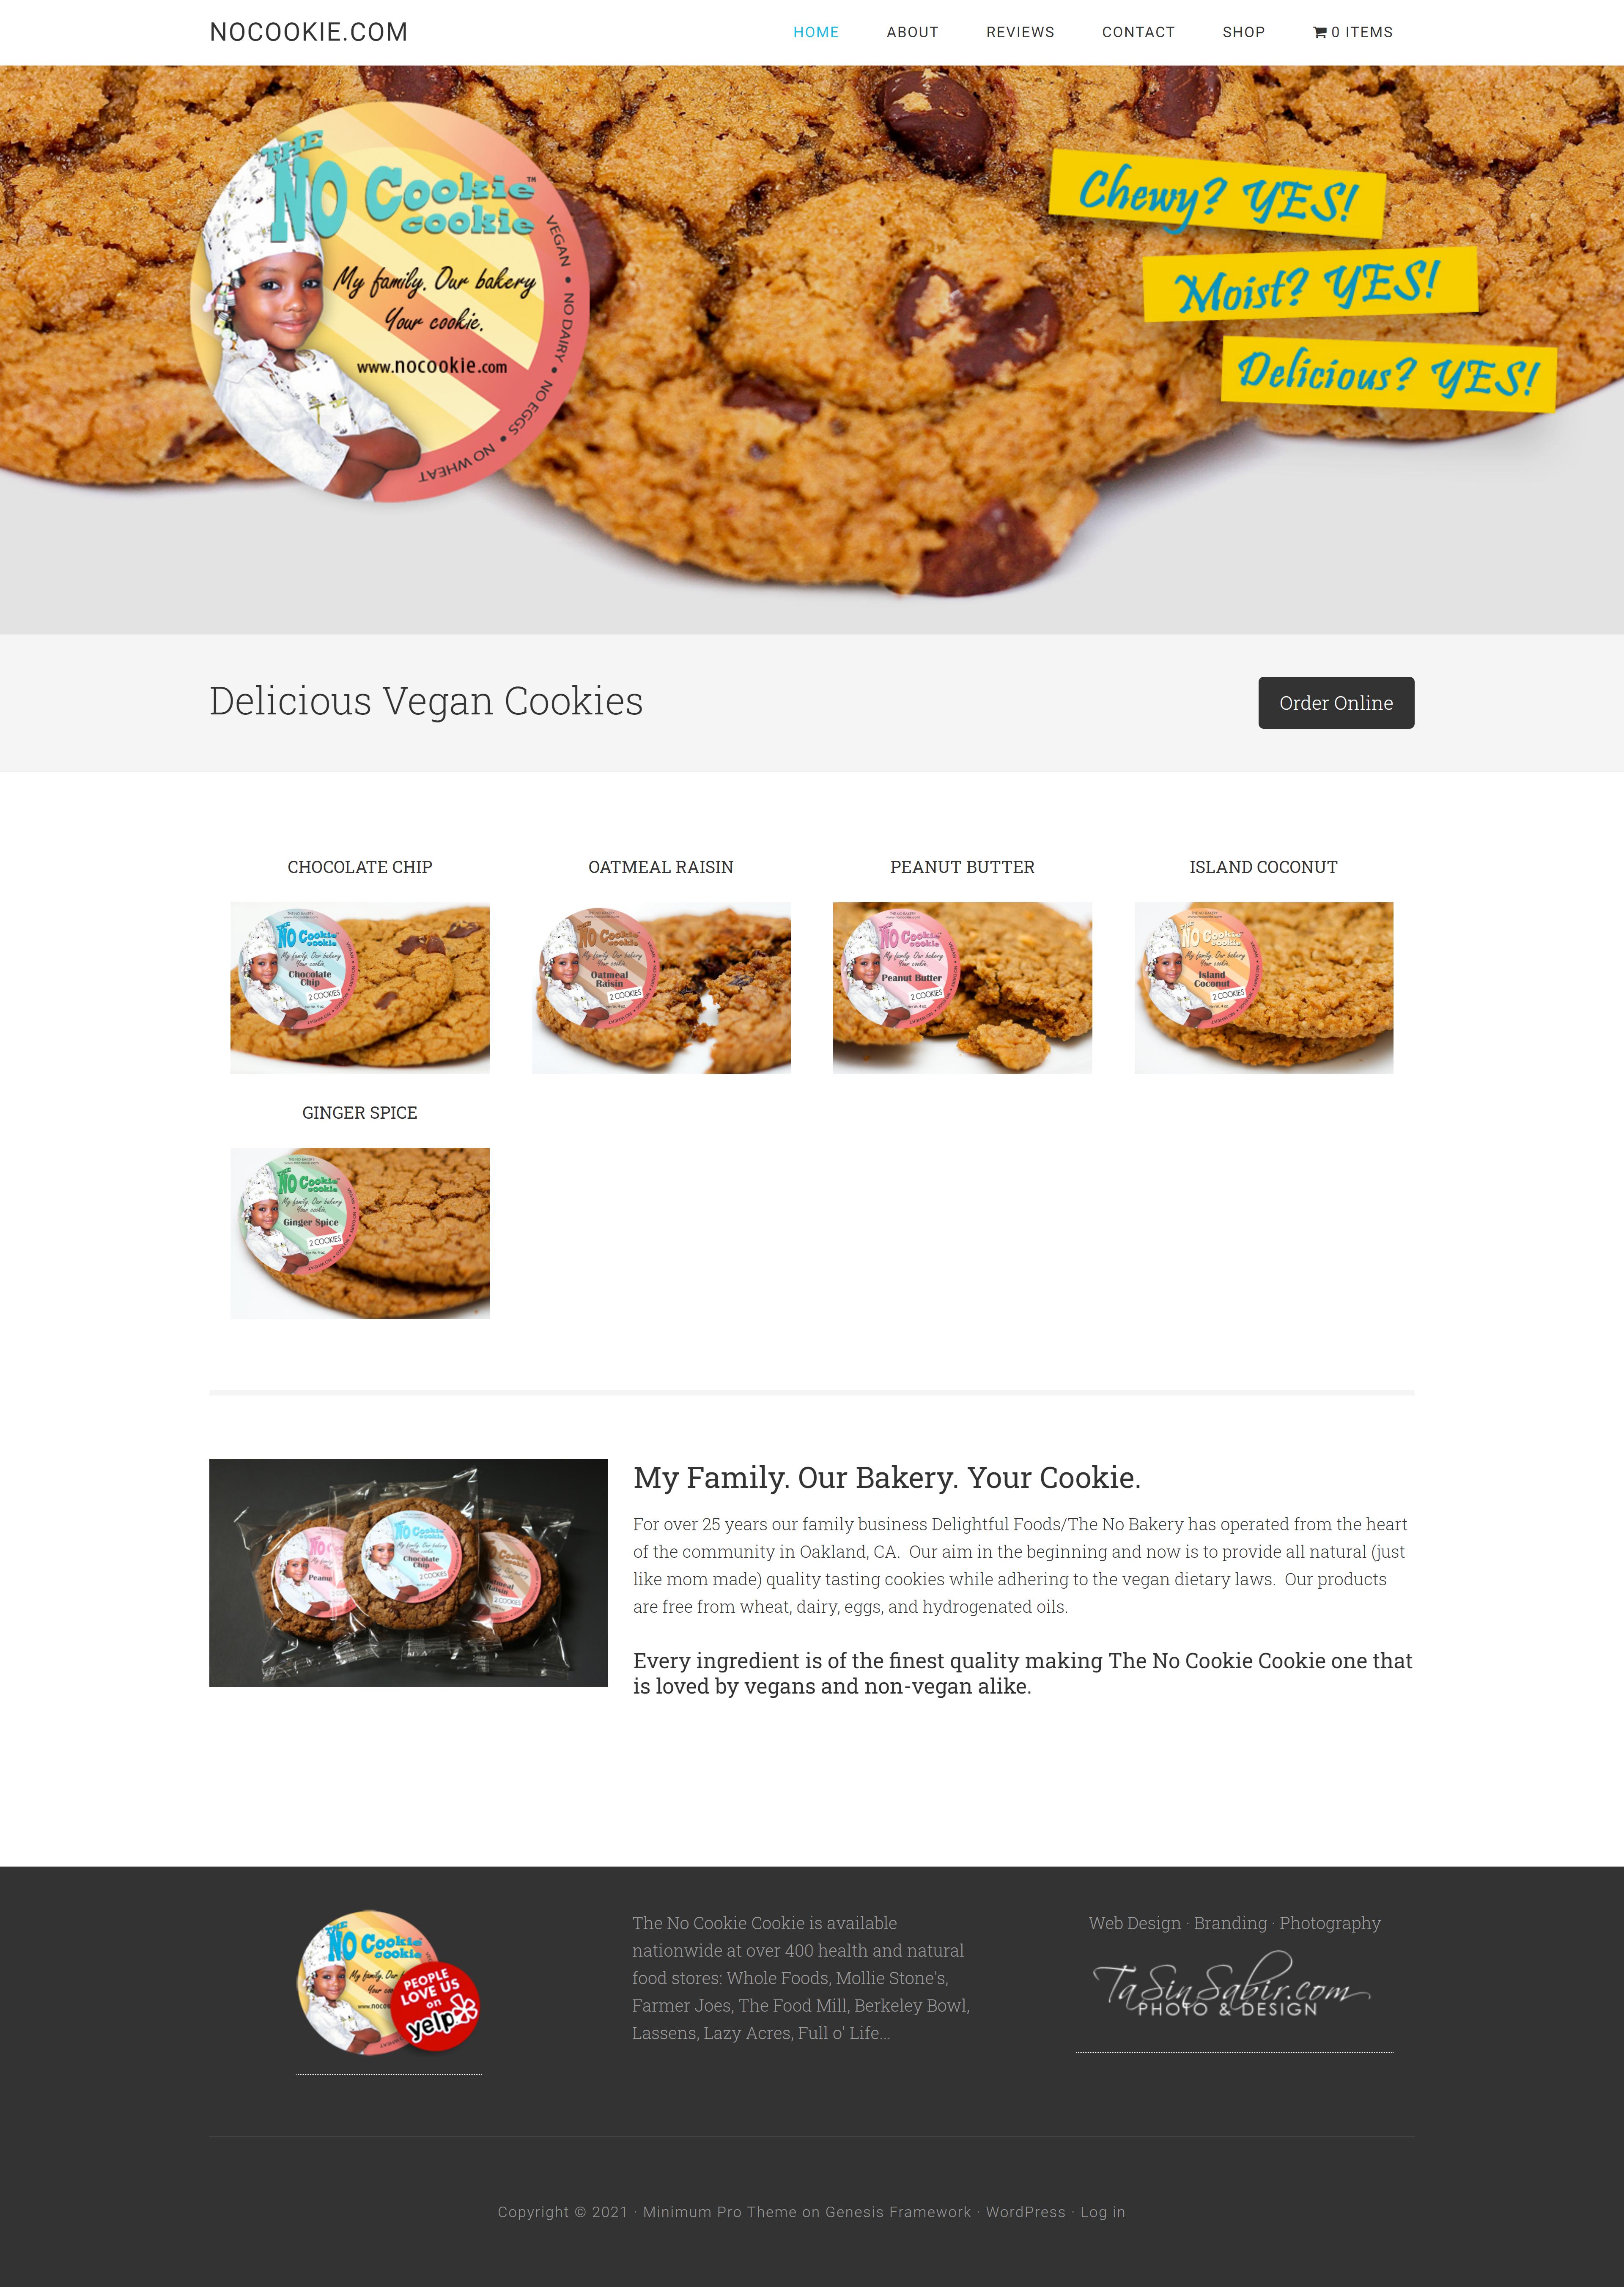 www.nocookie.com